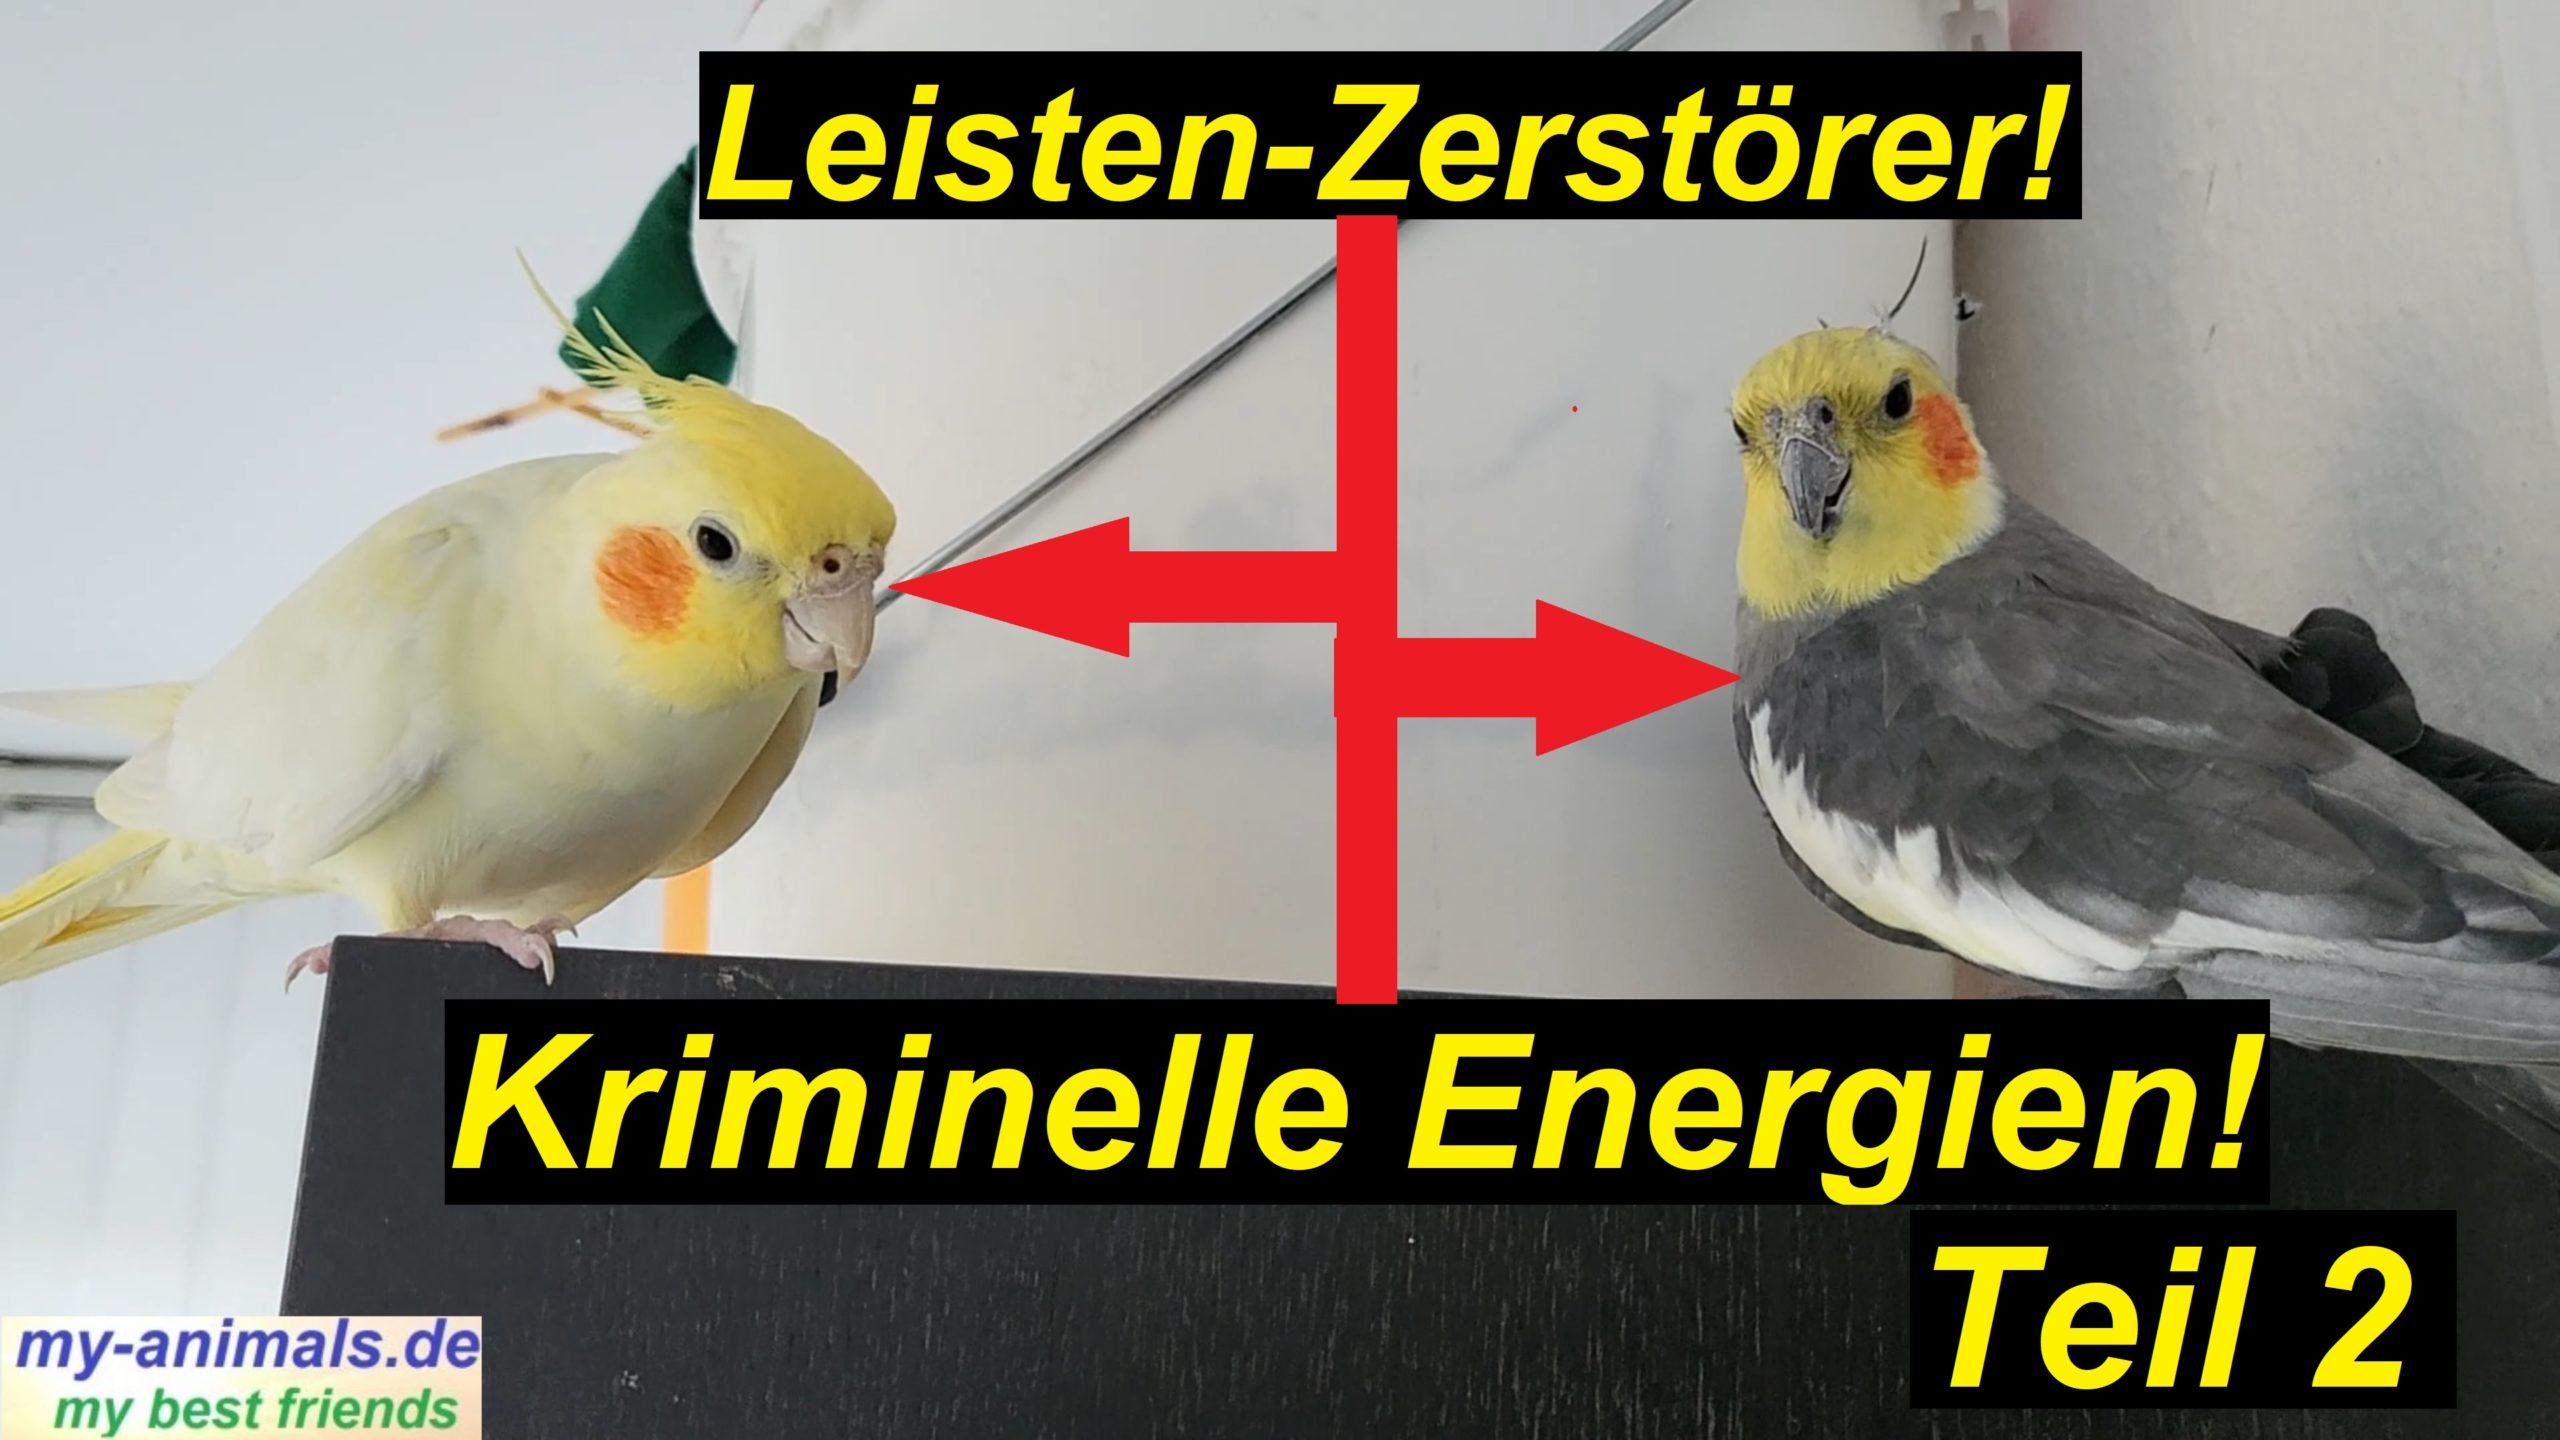 Teil 2: Leisten-Zerstörer. 2 kriminelle Nymphensittiche!